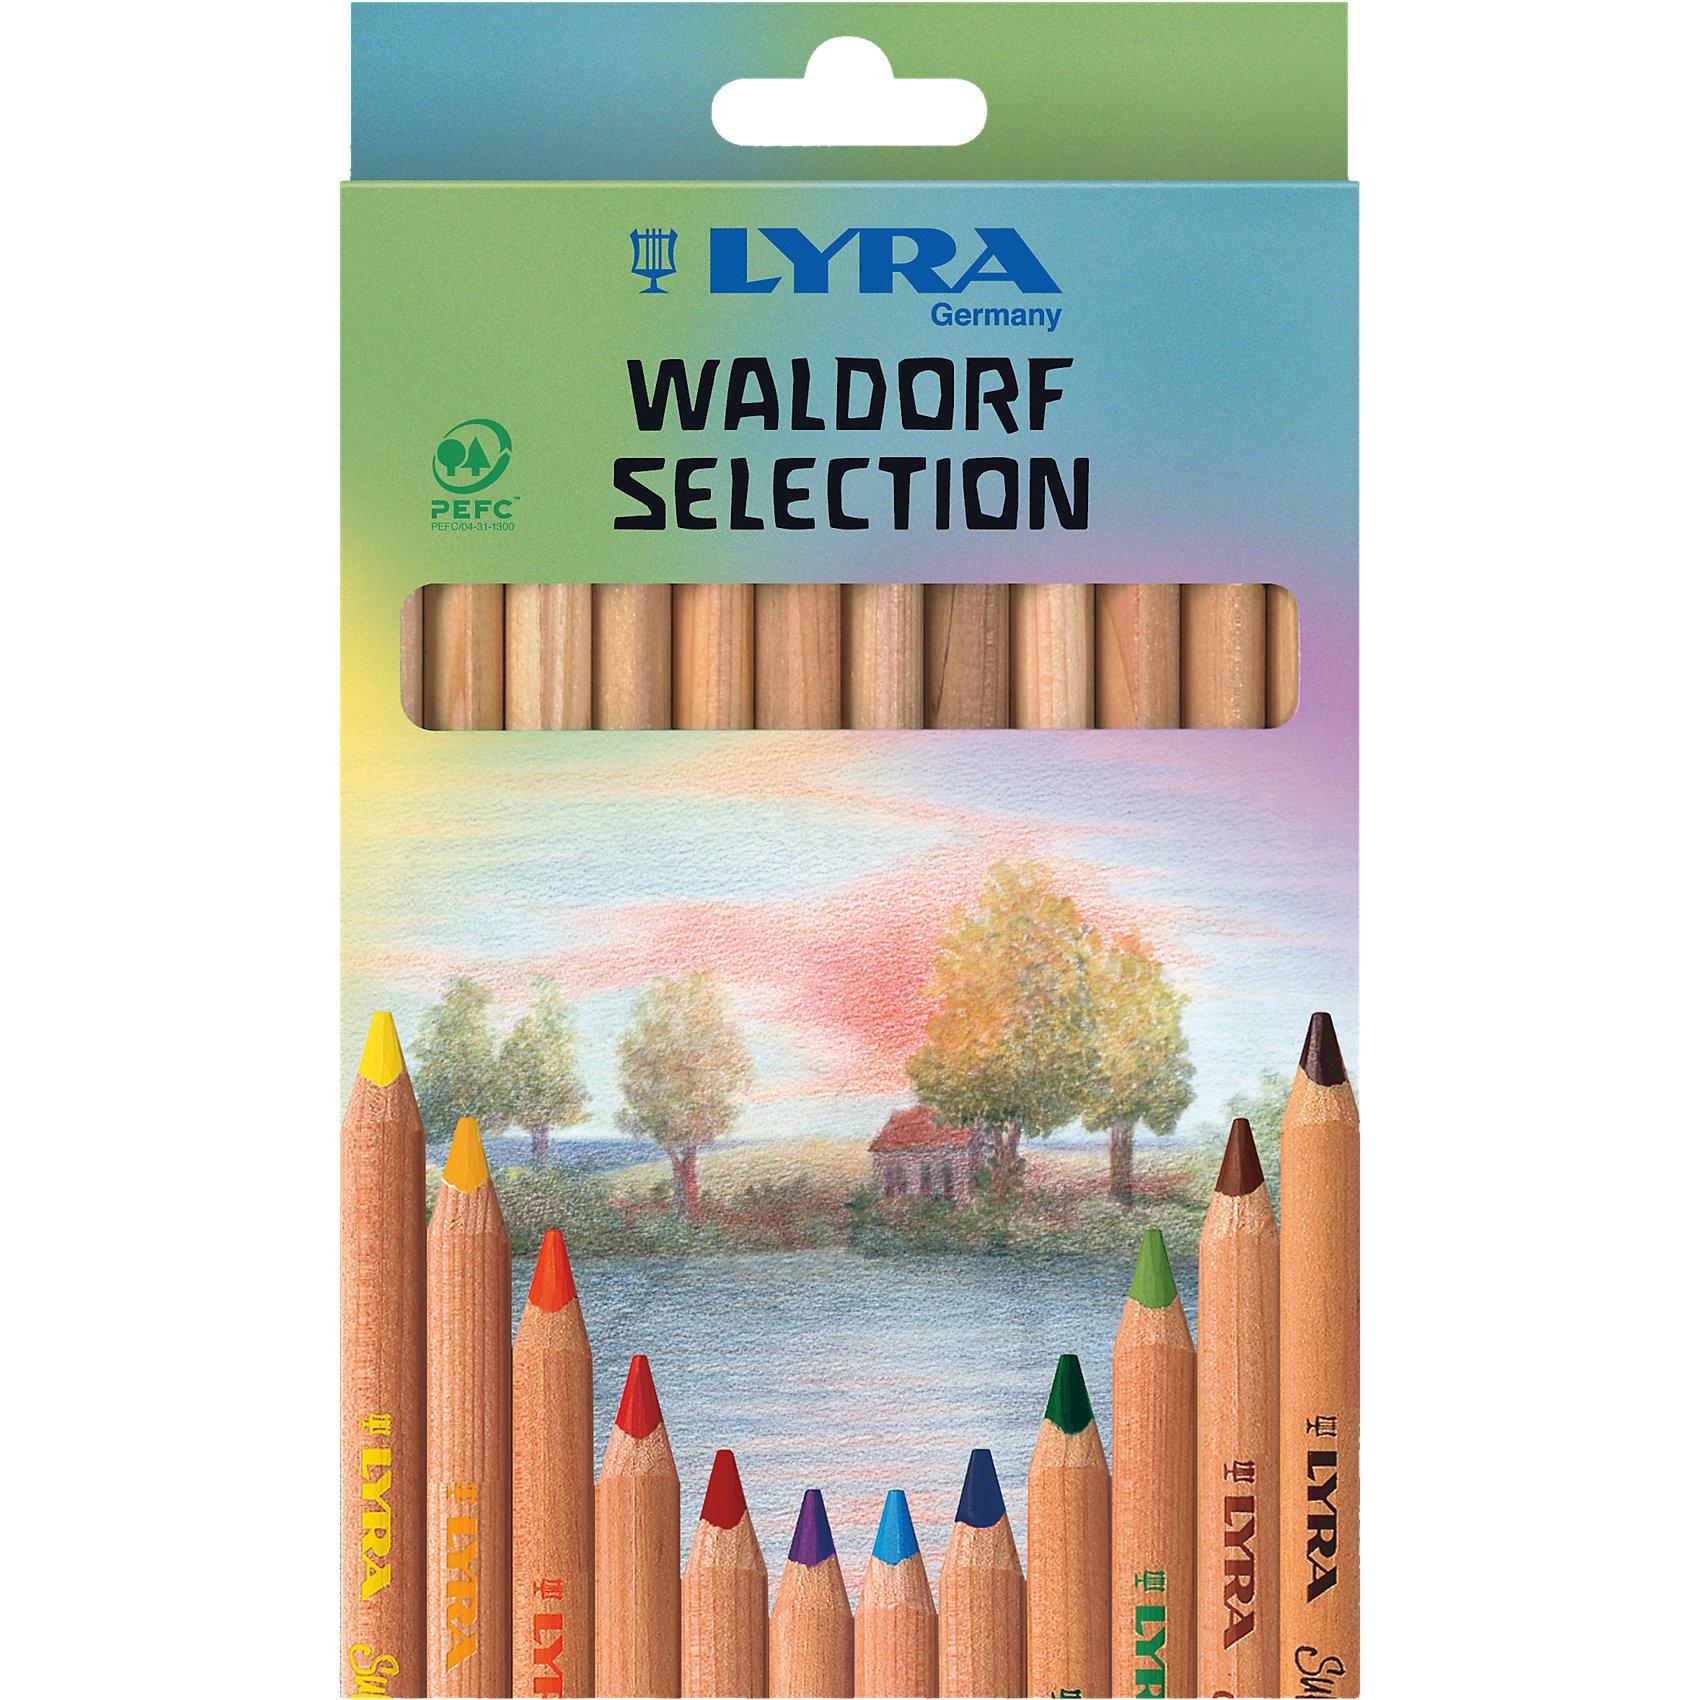 Высокопигментные цветные карандаши, 12 шт.Письменные принадлежности<br>Высокопигментные цветные карандаши, 12 шт. Уникальная палитра цветов, разработанная немецкой Вальдорфской школой рисования. Эргономичная треугольная форма. Длина карандаша - 175 мм, диаметр грифеля 6,25 мм. Произведены из натуральной сертифицированной древесины, не лакированные. Ударопрочные.<br><br>Ширина мм: 200<br>Глубина мм: 123<br>Высота мм: 15<br>Вес г: 151<br>Возраст от месяцев: 24<br>Возраст до месяцев: 72<br>Пол: Унисекс<br>Возраст: Детский<br>SKU: 4194380